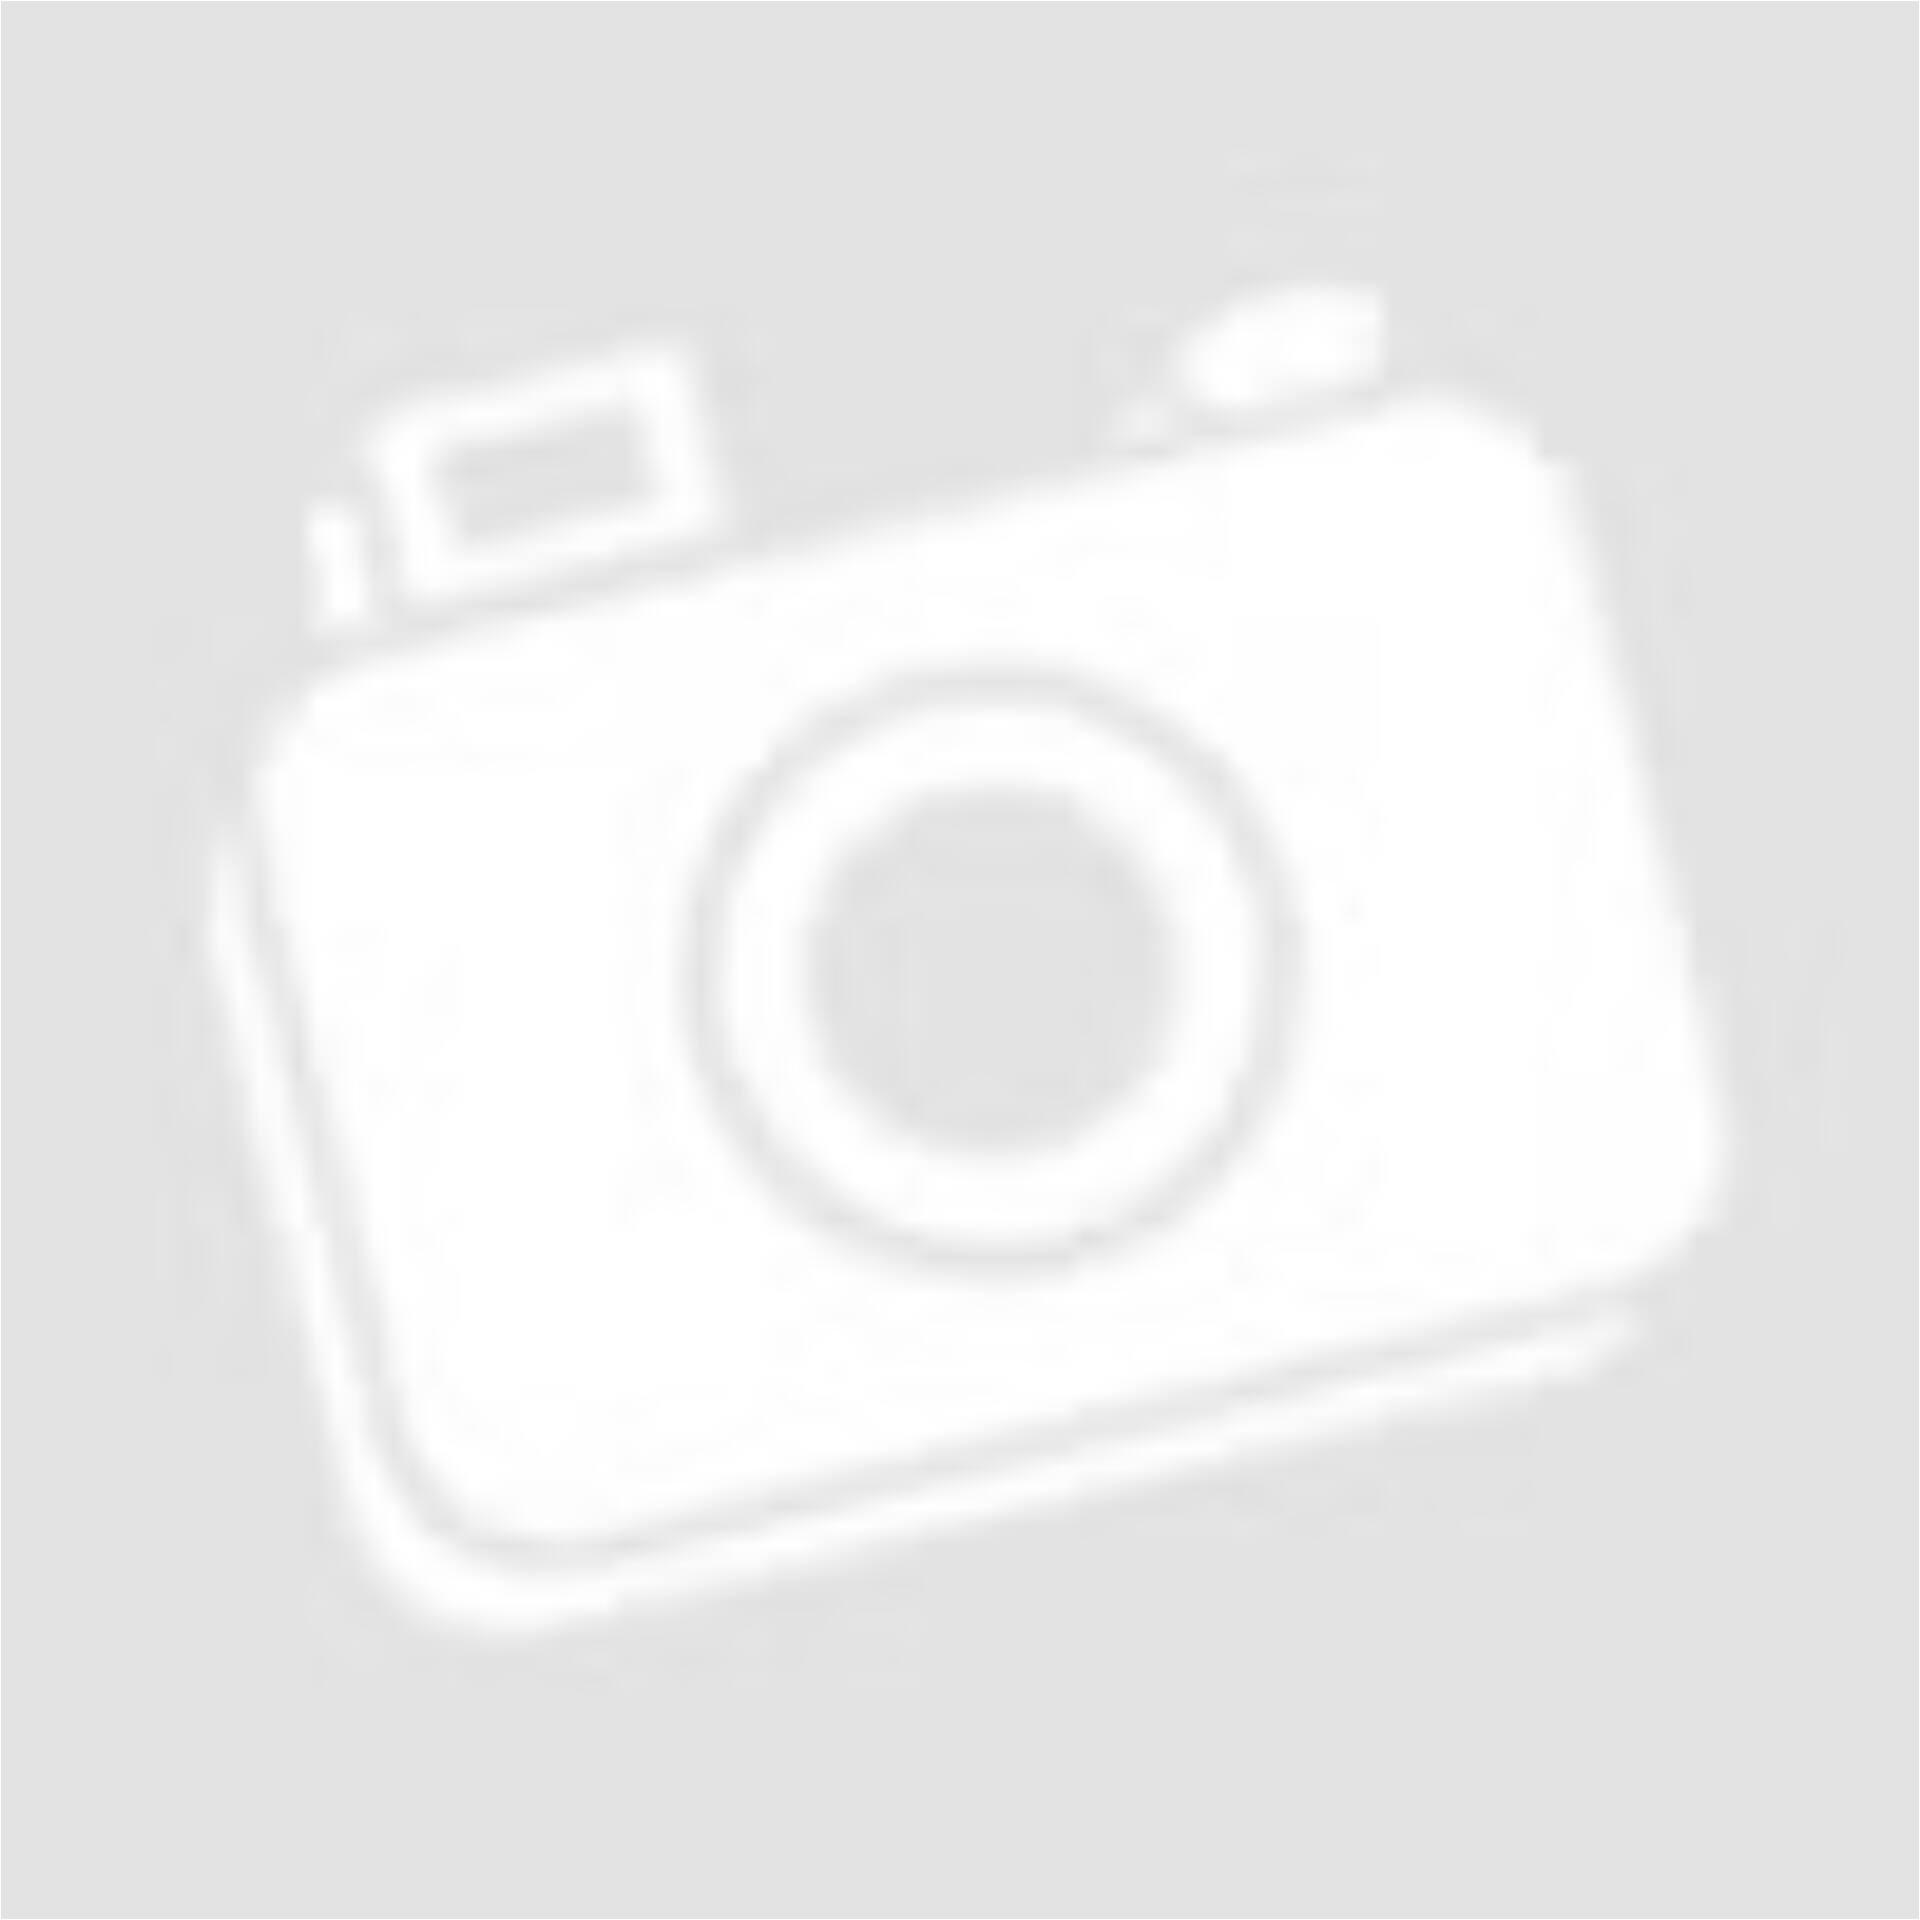 b6f1782644 Elegáns Charles Vögele blézer (Méret: L) - Női dzseki, kabát, blézer ...